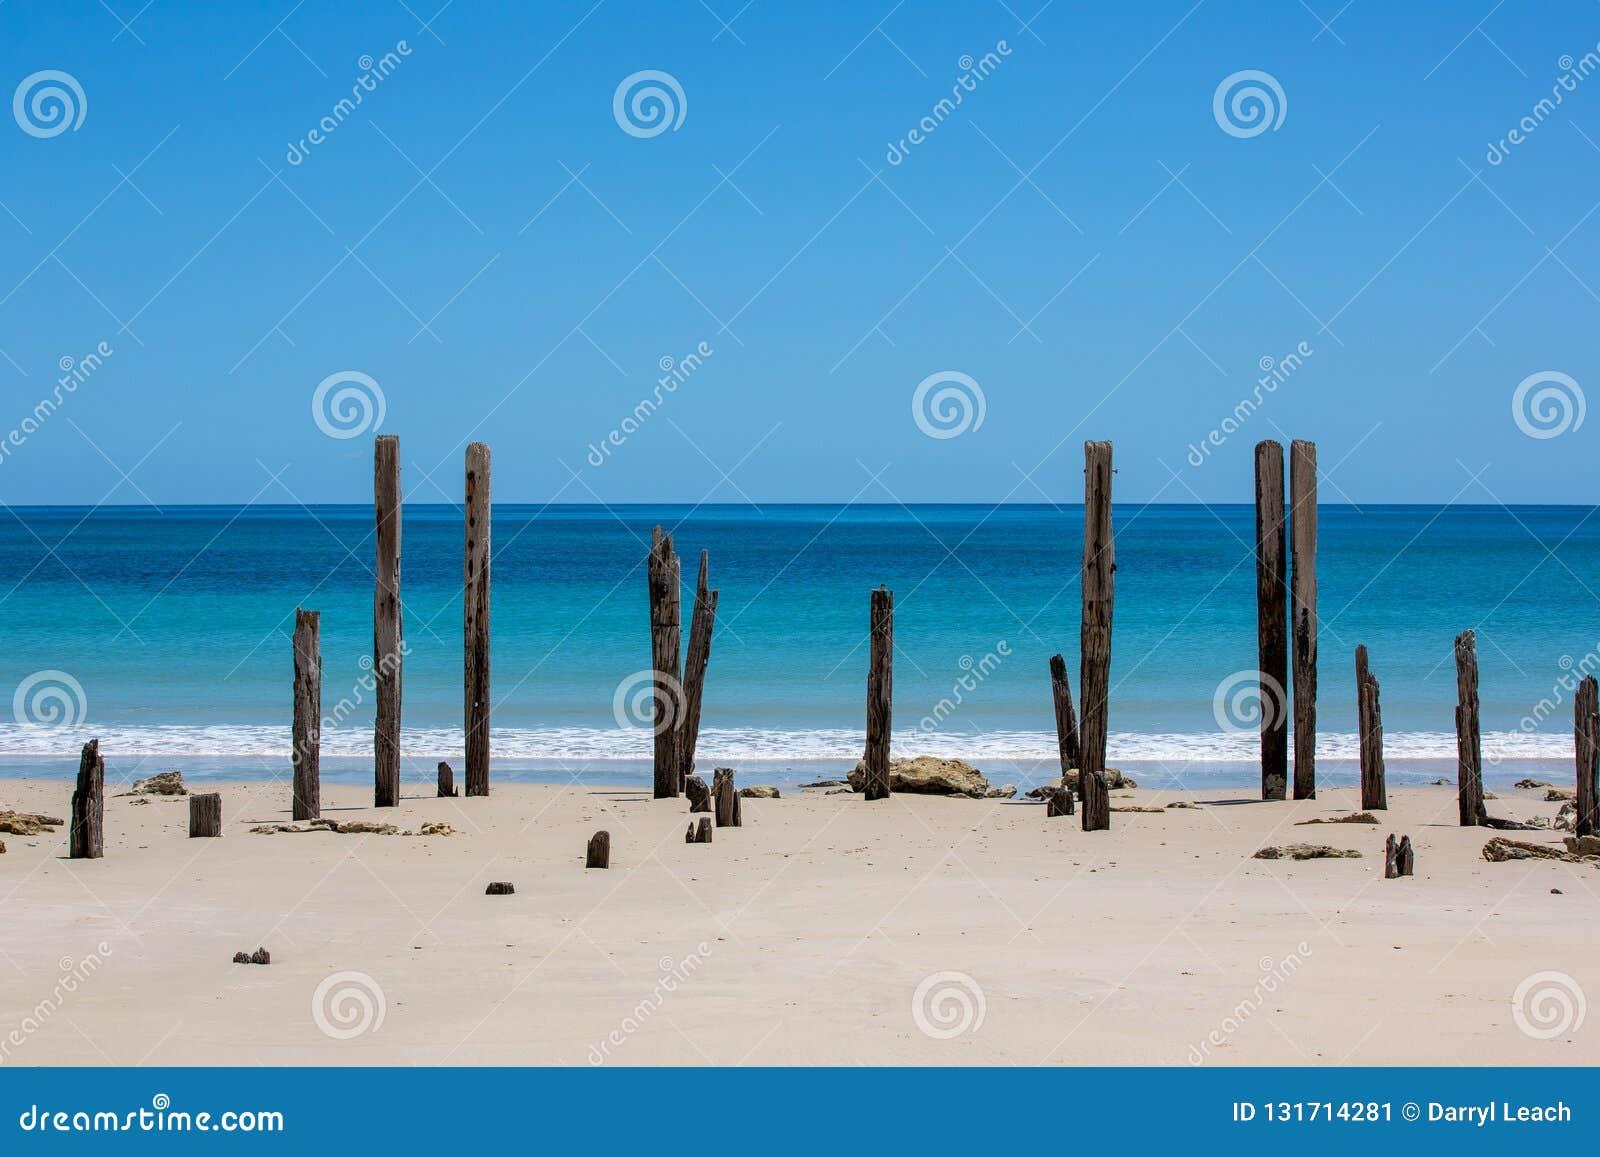 Η όμορφη παραλία Willunga λιμένων και οι εικονικές καταστροφές λιμενοβραχιόνων με τα τυρκουάζ νερά μια ήρεμη ηλιόλουστη ημέρα στι